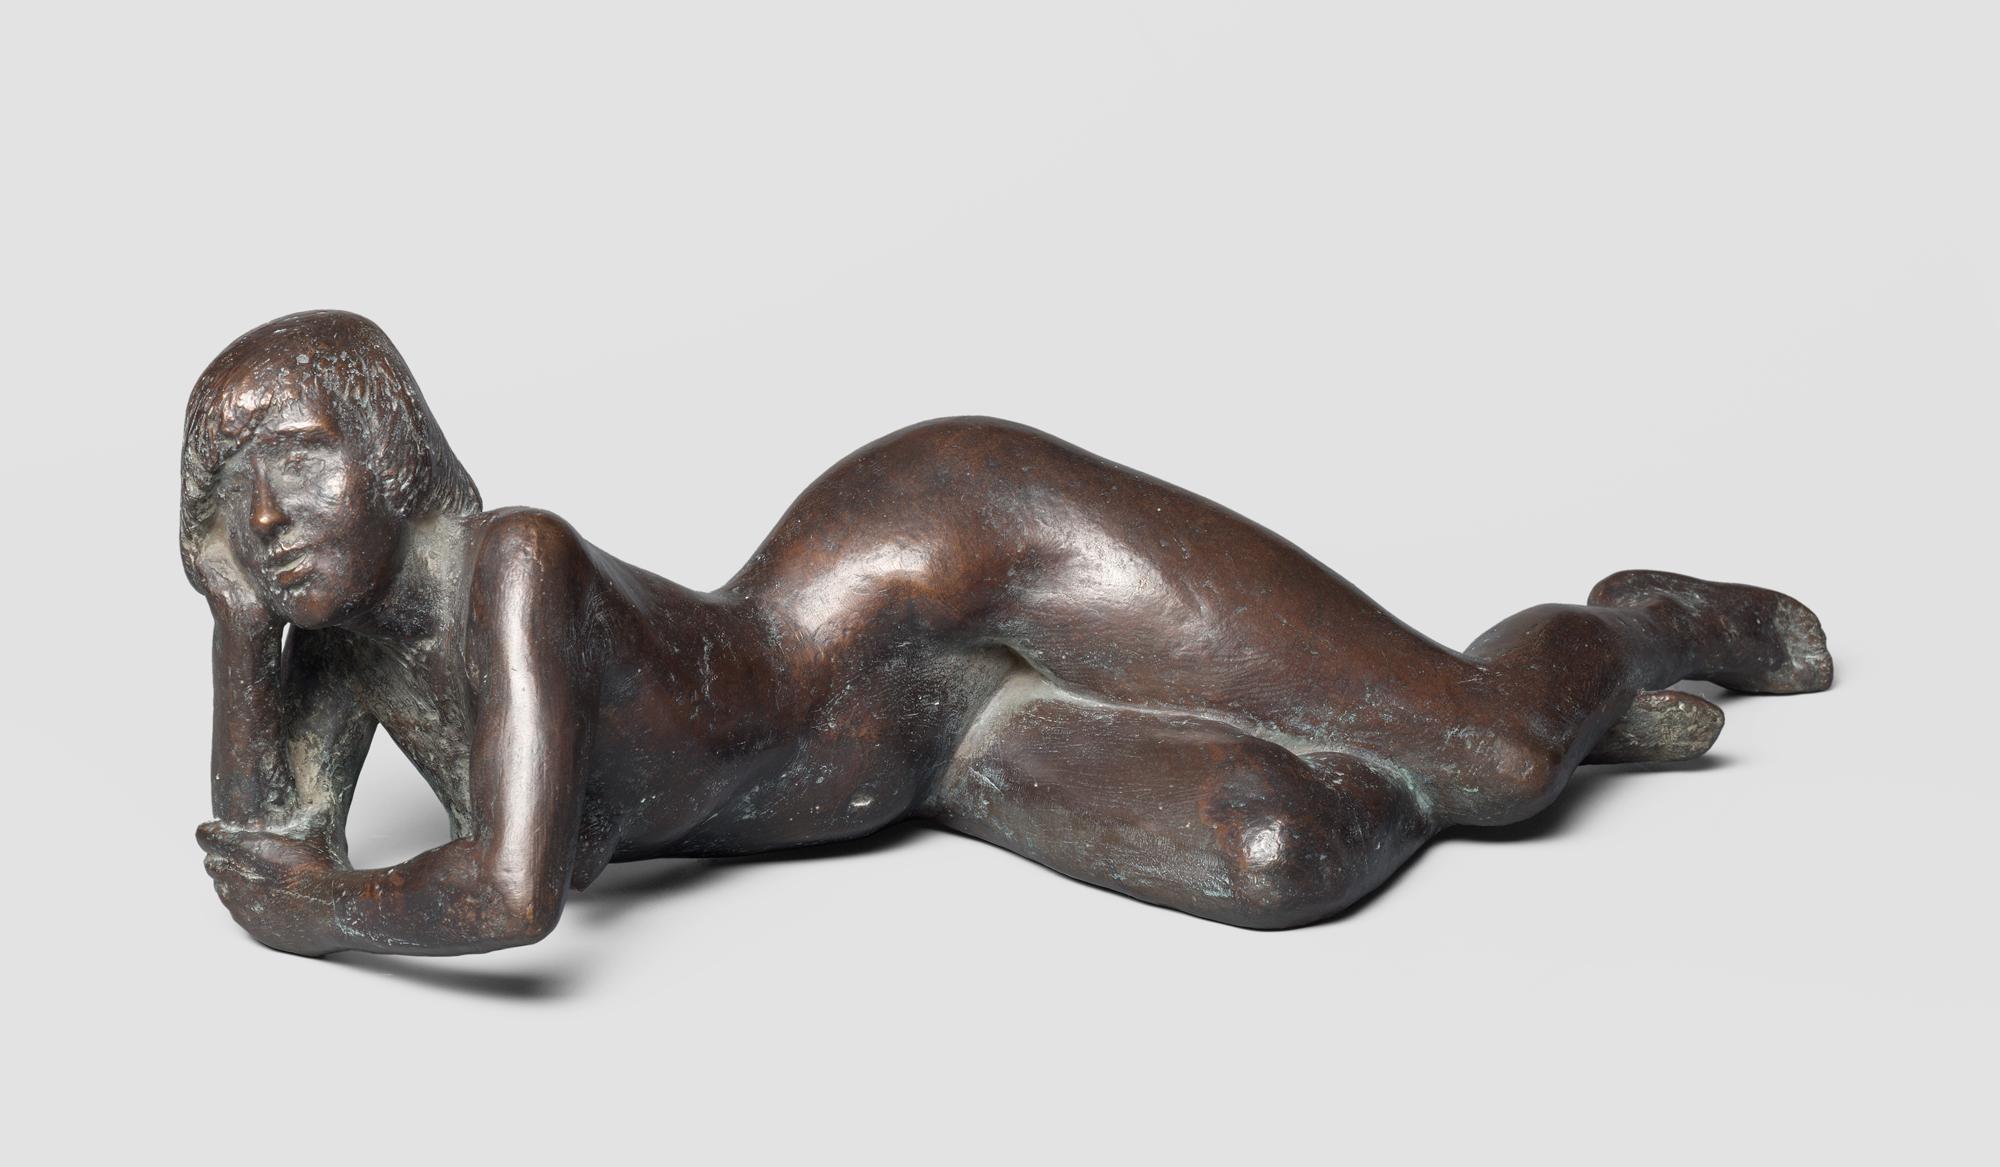 Fritz Cremer Liegender Akt (Christa) 1956 Bronze 18 x 60 cm Nachlass Fritz Cremer, Berlin © VG Bild-Kunst, Bonn 2018 Foto: Galerie Schwind Leipzig